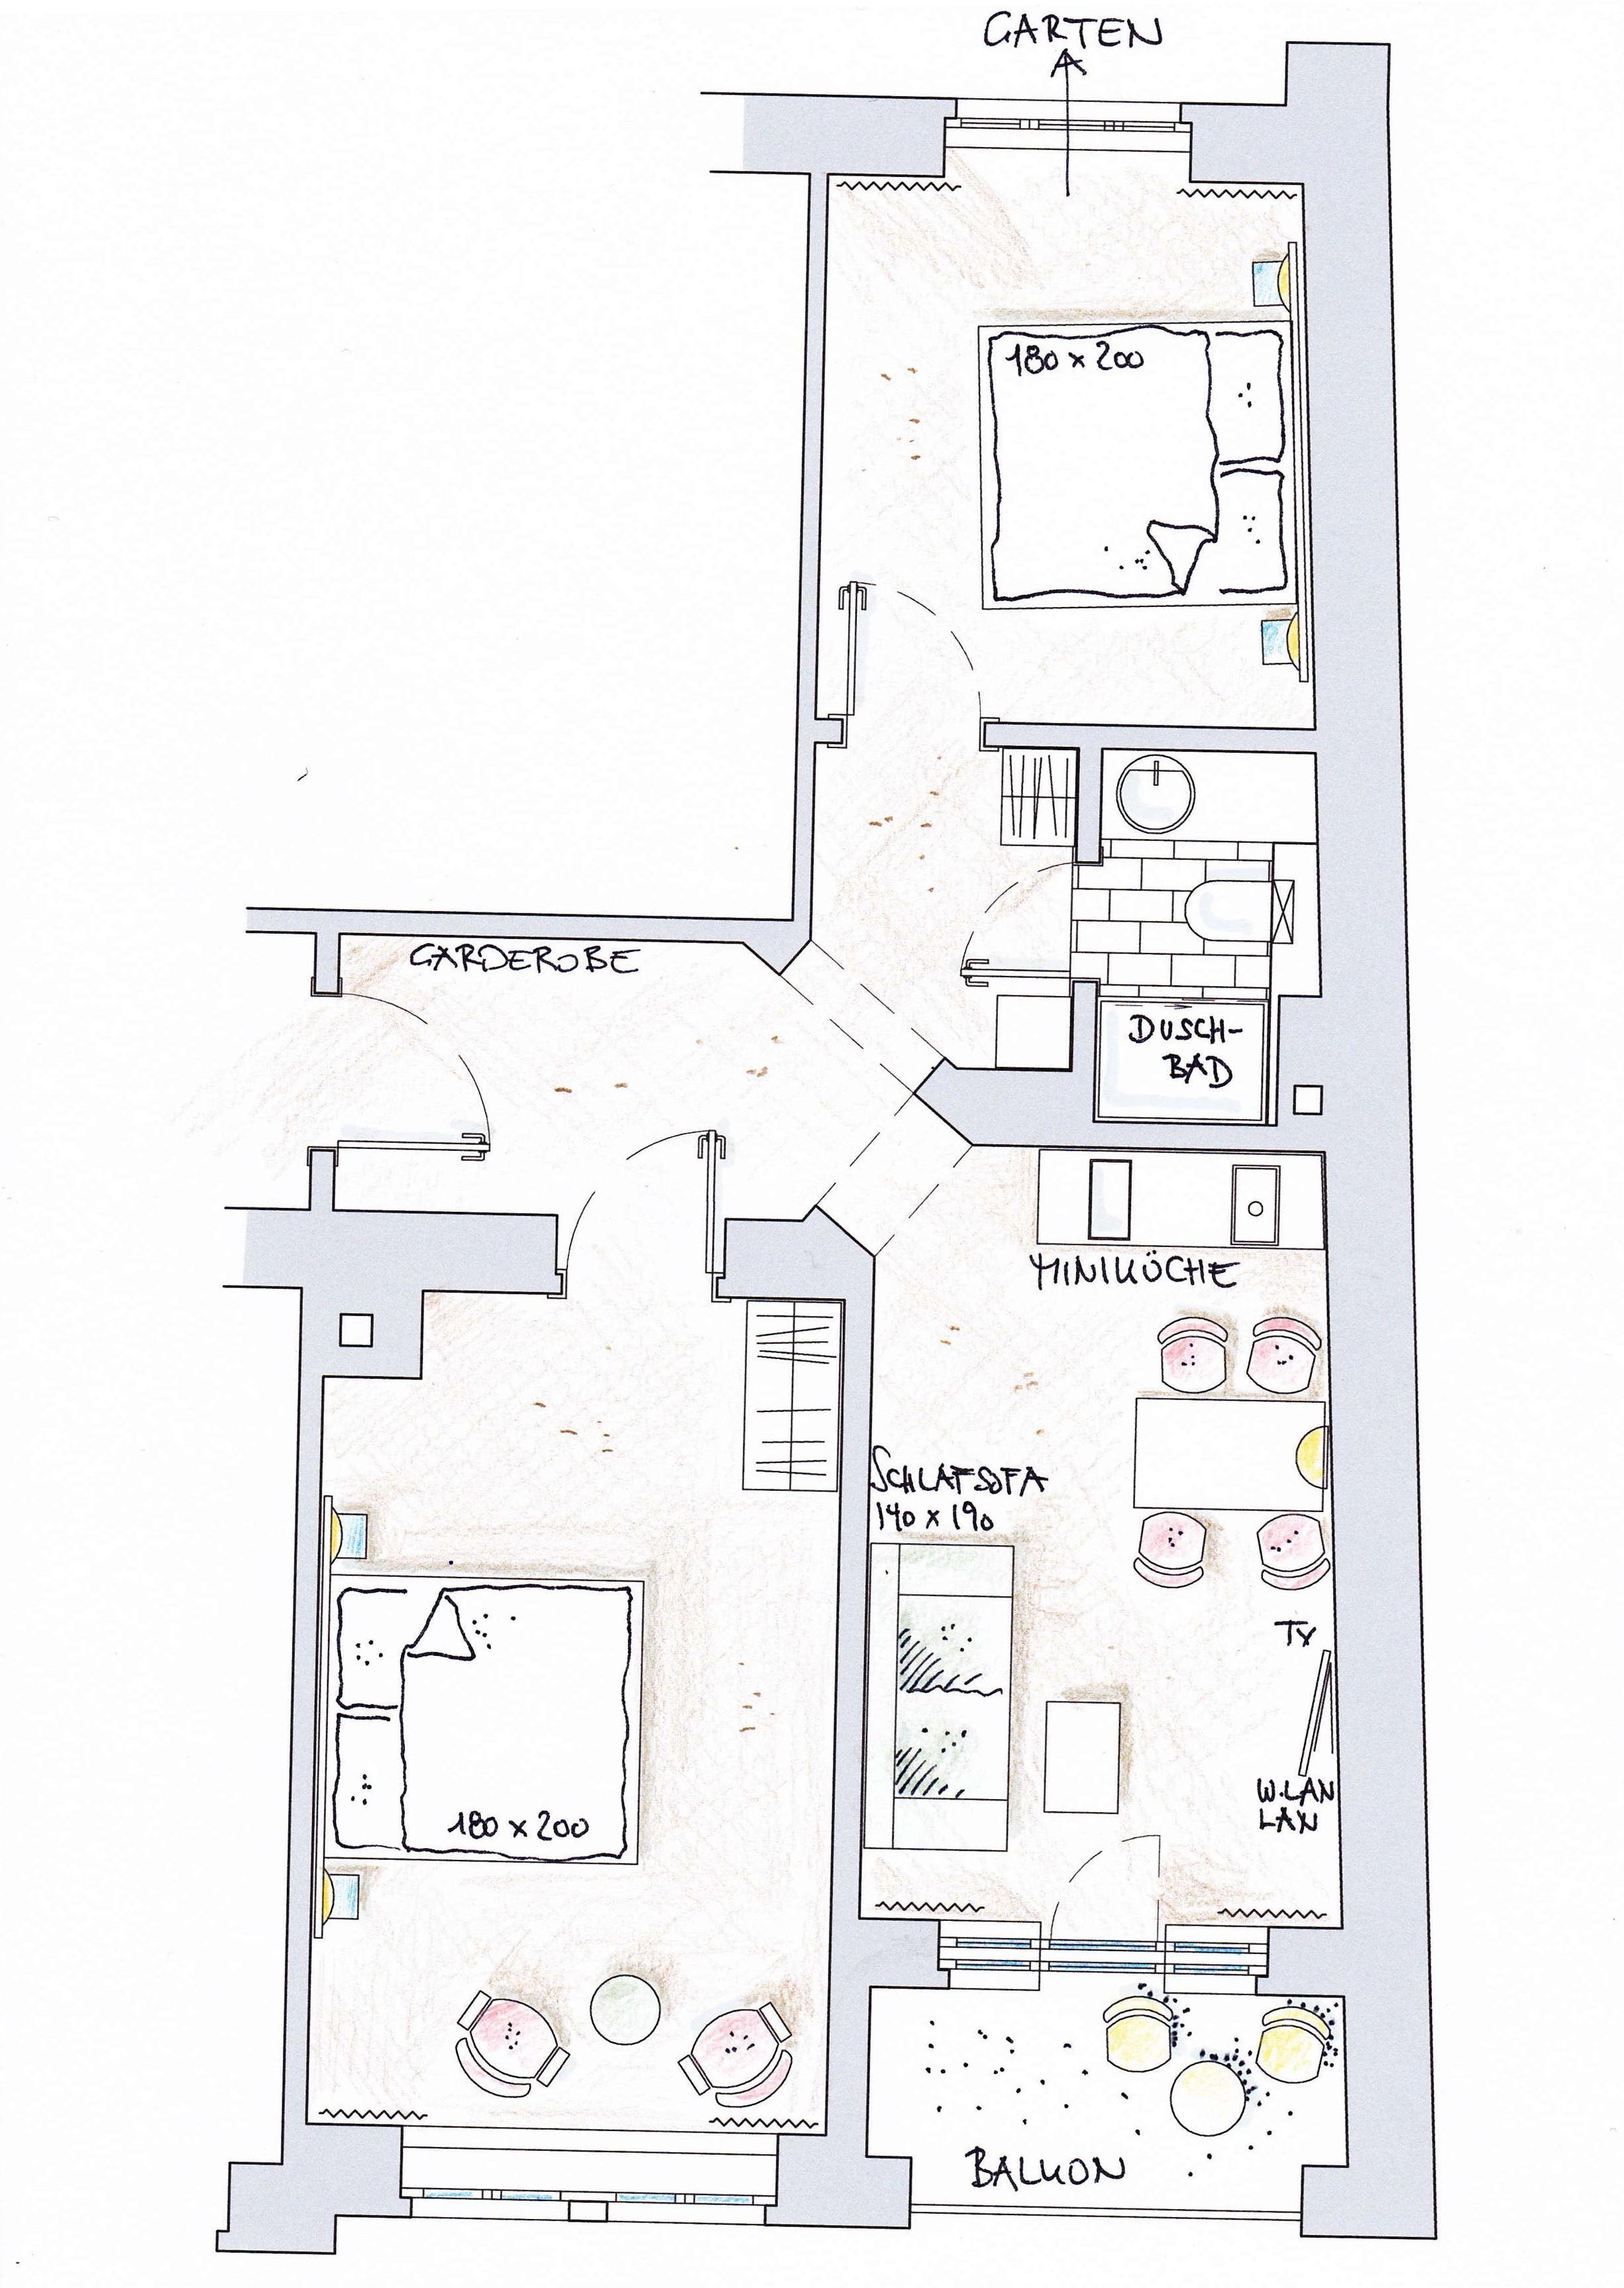 taube | zeitraum10 - die charmante hotelalternative, Hause ideen